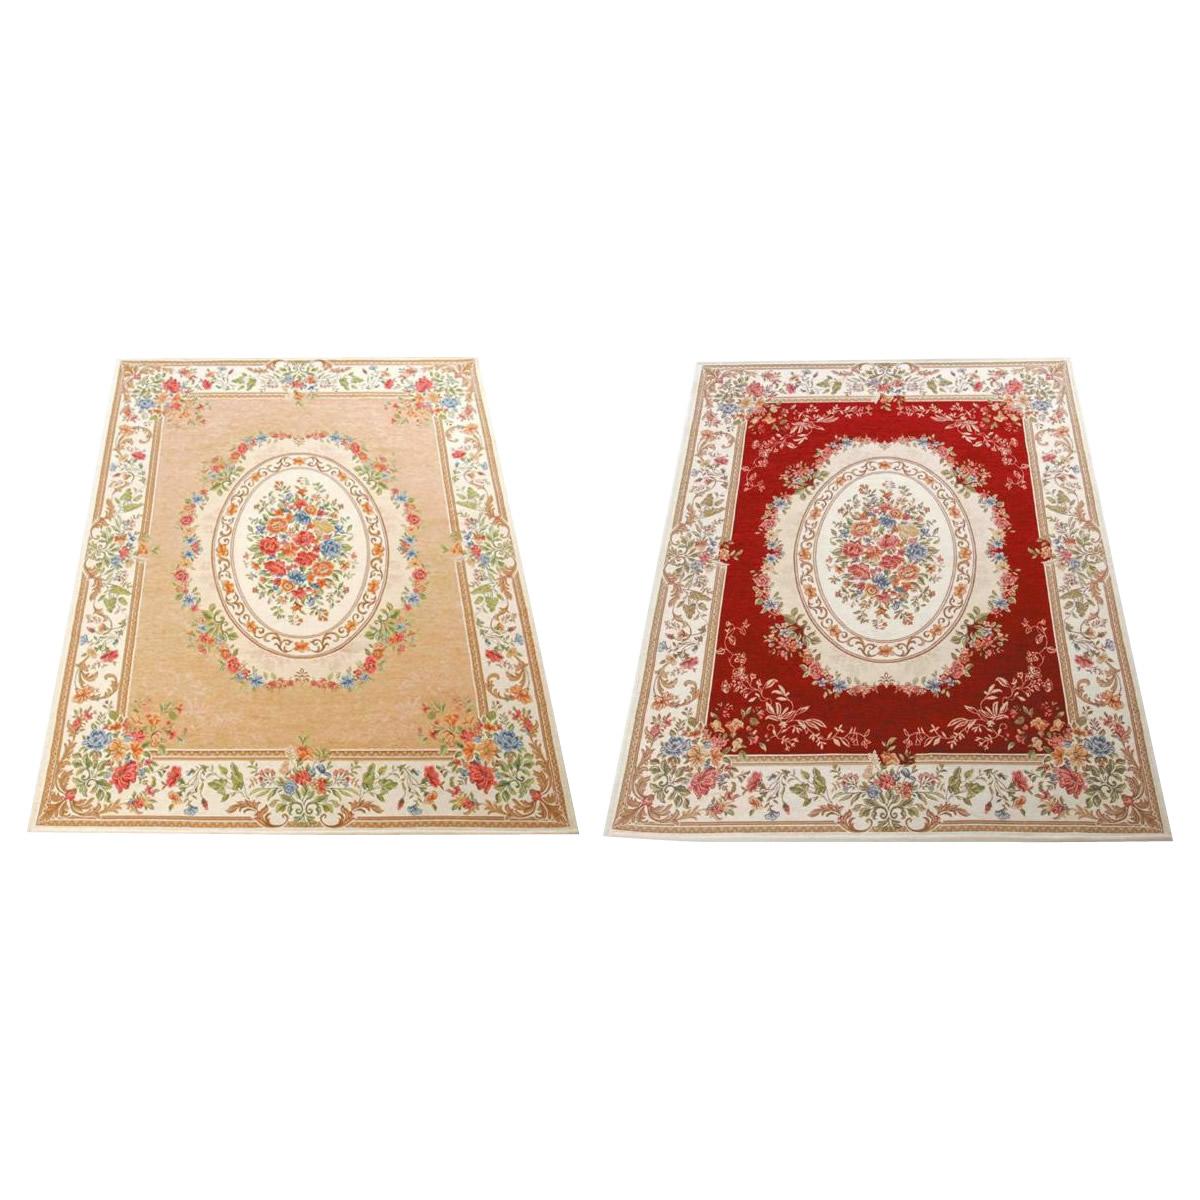 【送料無料】ゴブラン織 シェニールカーペット 6畳用(約240×330cm) レッド・YAN13833RE【代引不可】